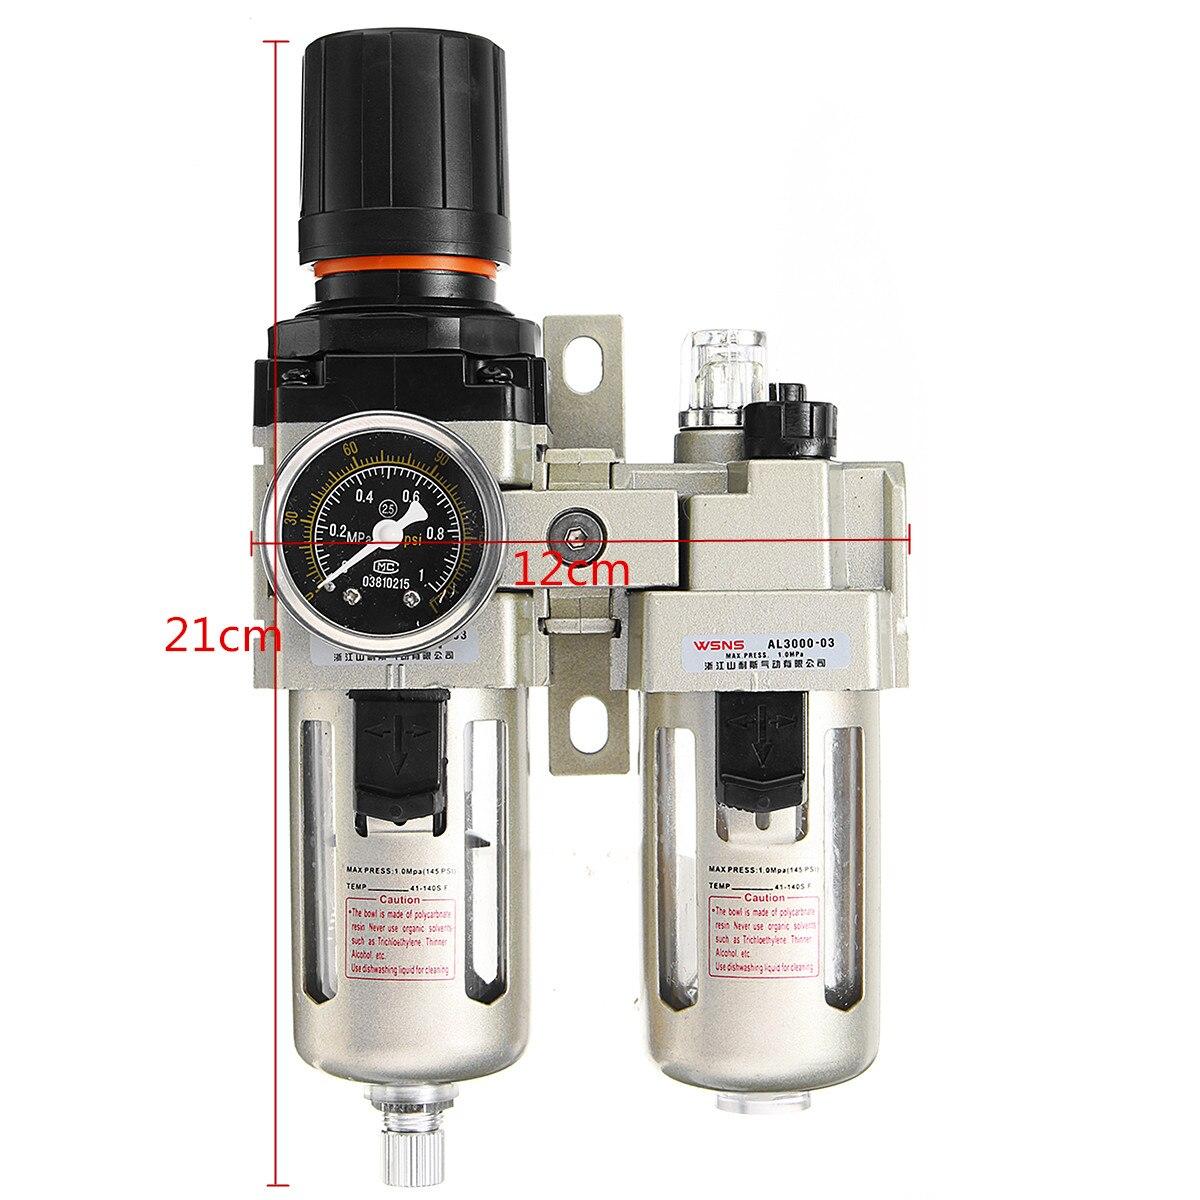 3/8 compresseur d'air lubrificateur d'huile humidité piège à eau filtre régulateur jauge en alliage d'aluminium pièces pneumatiques matériel mécanique - 2